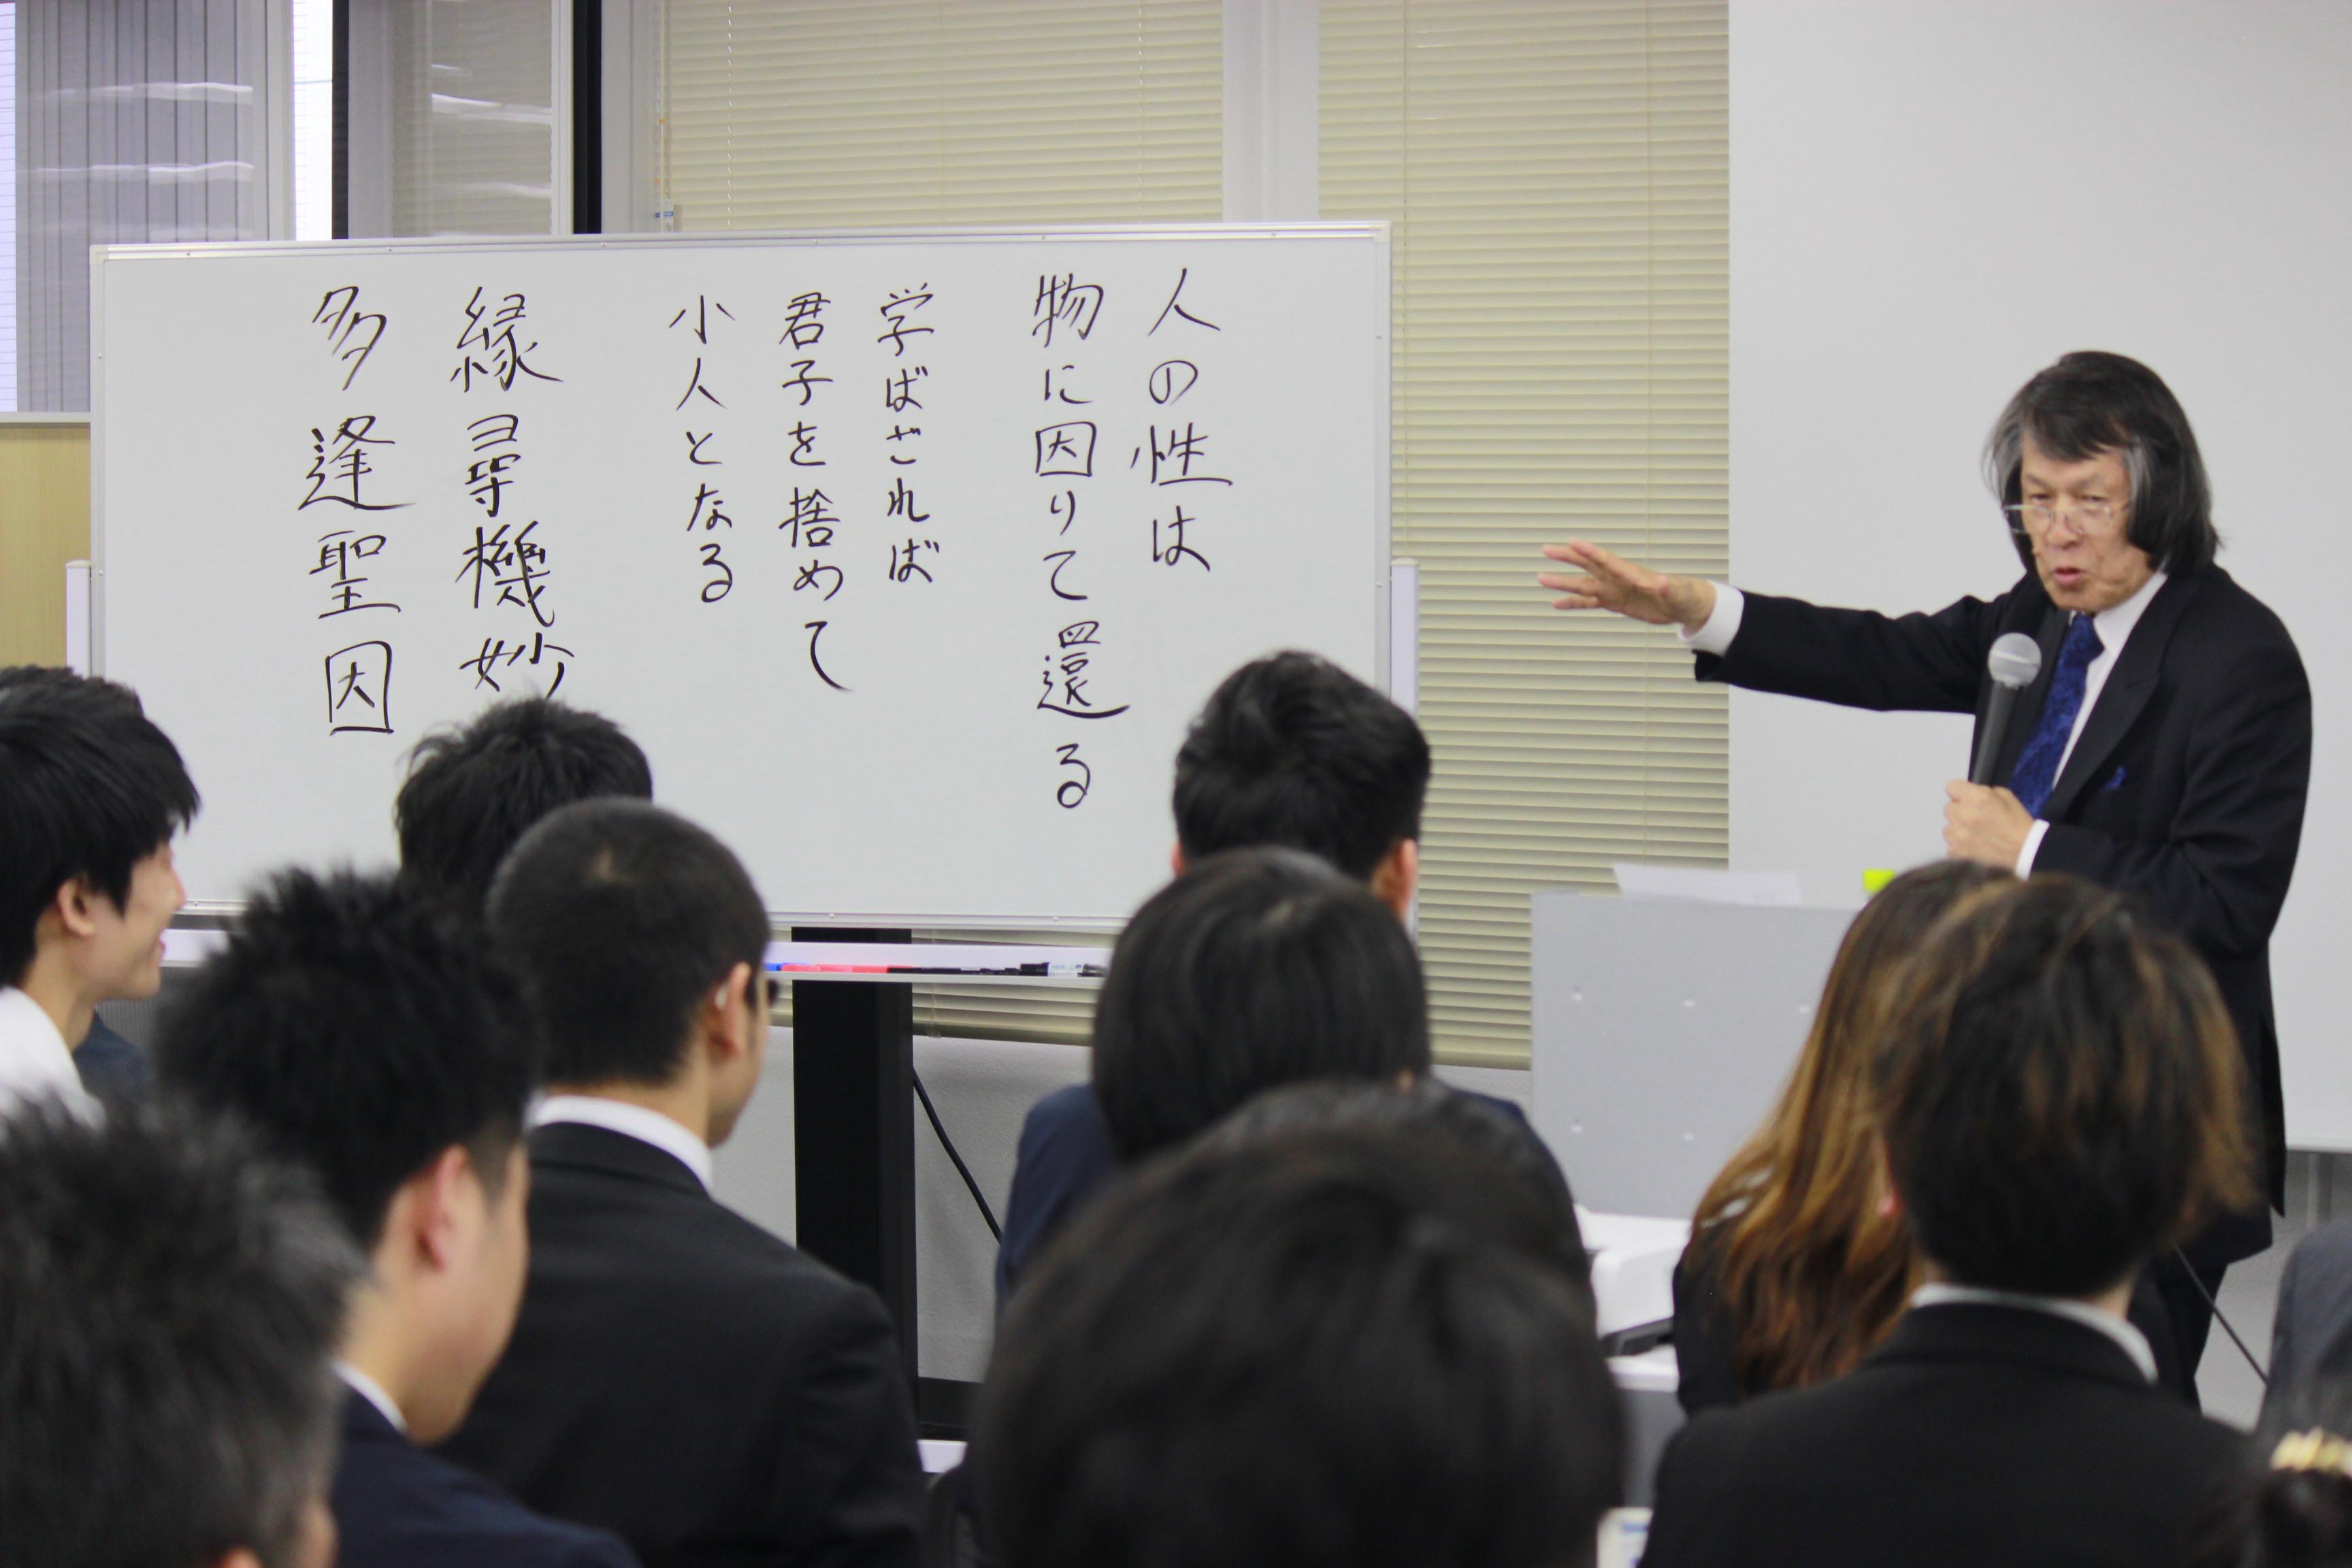 IMG 7840 - 関東若獅子の会、記念すべき第100回